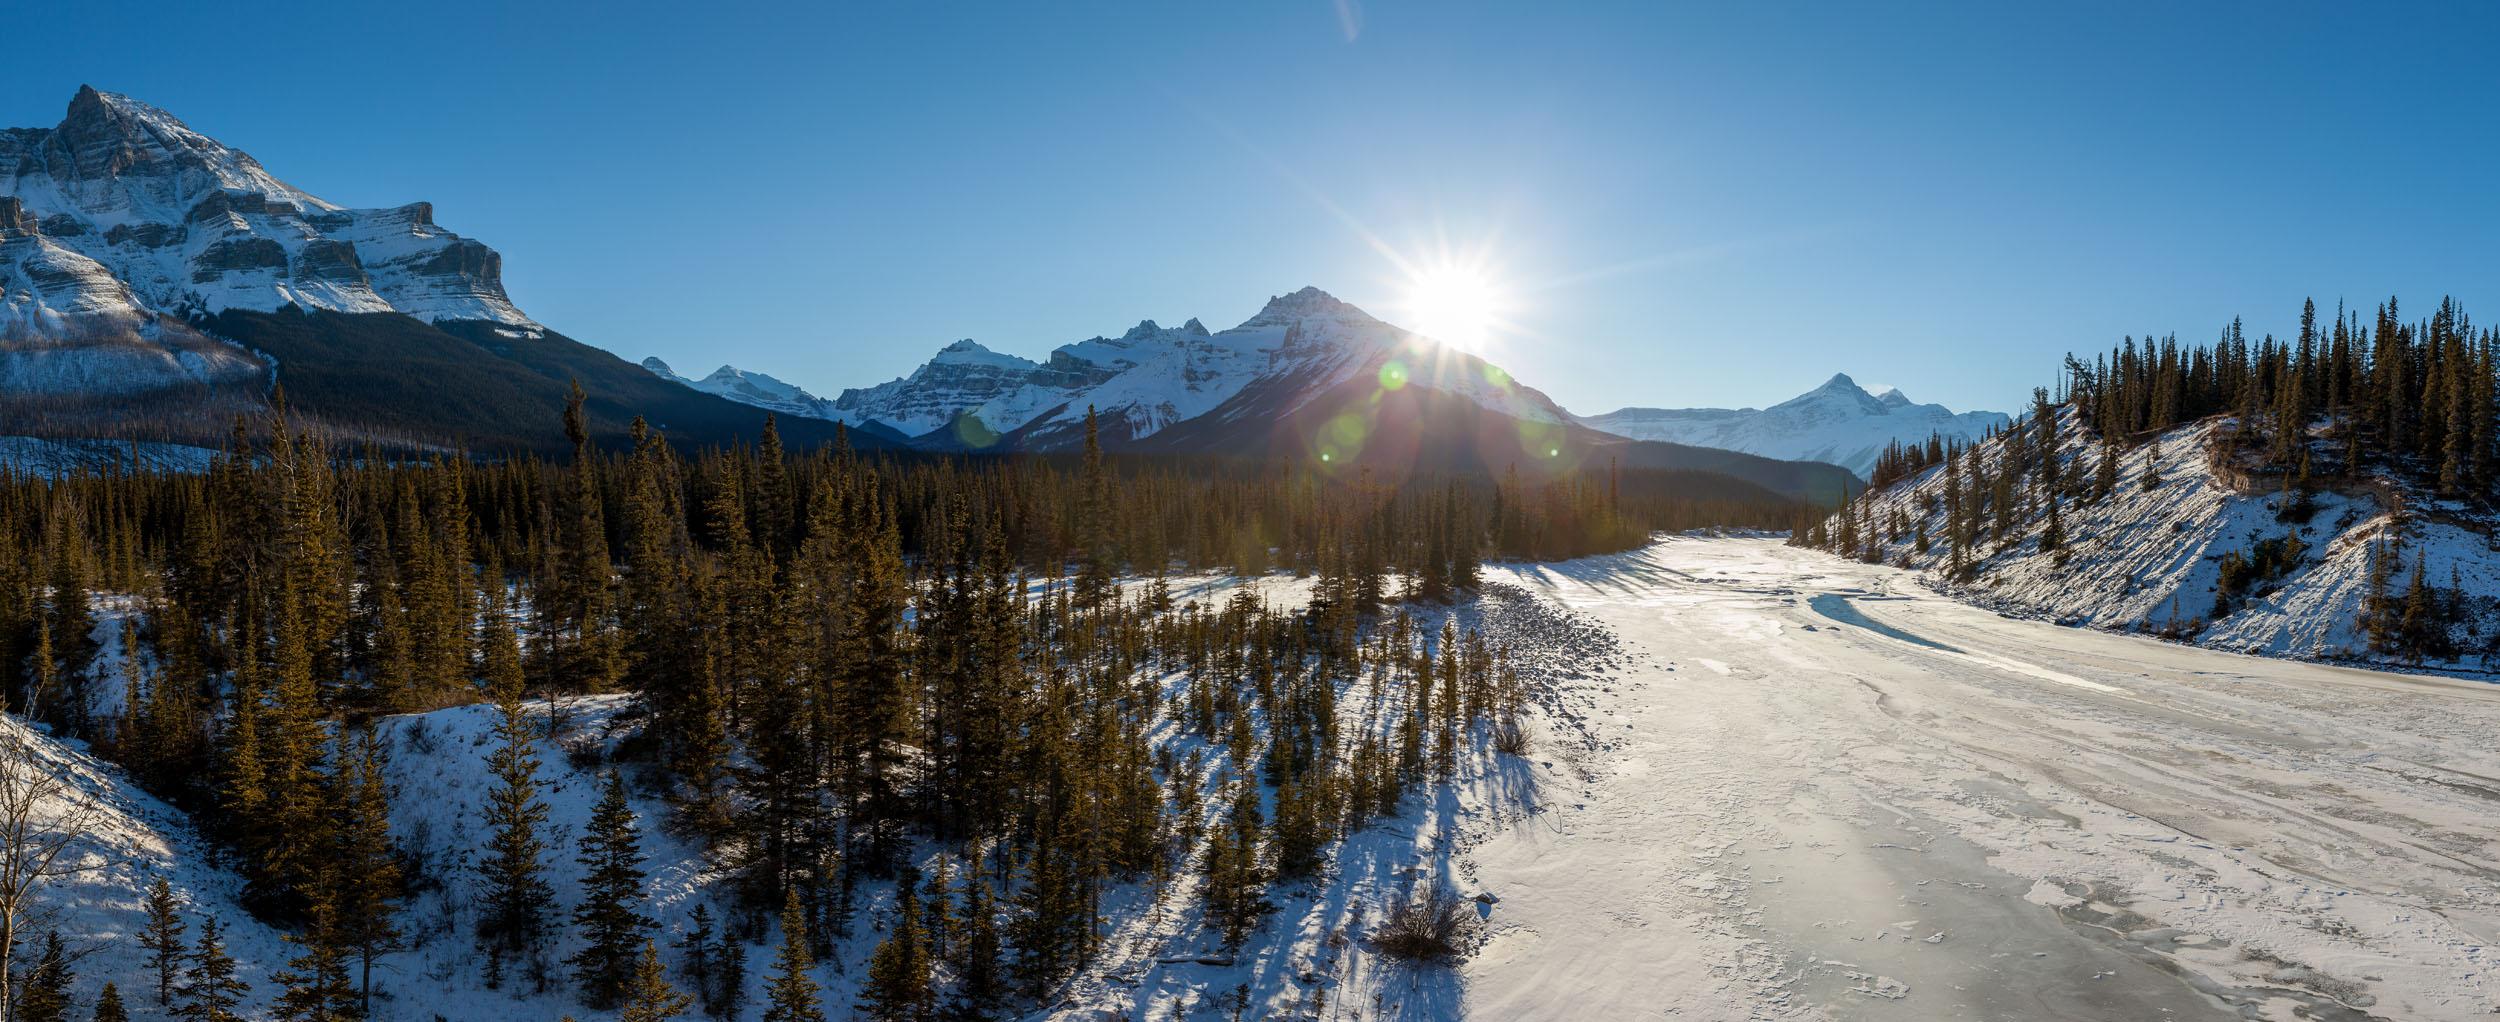 Banff National Park, AB